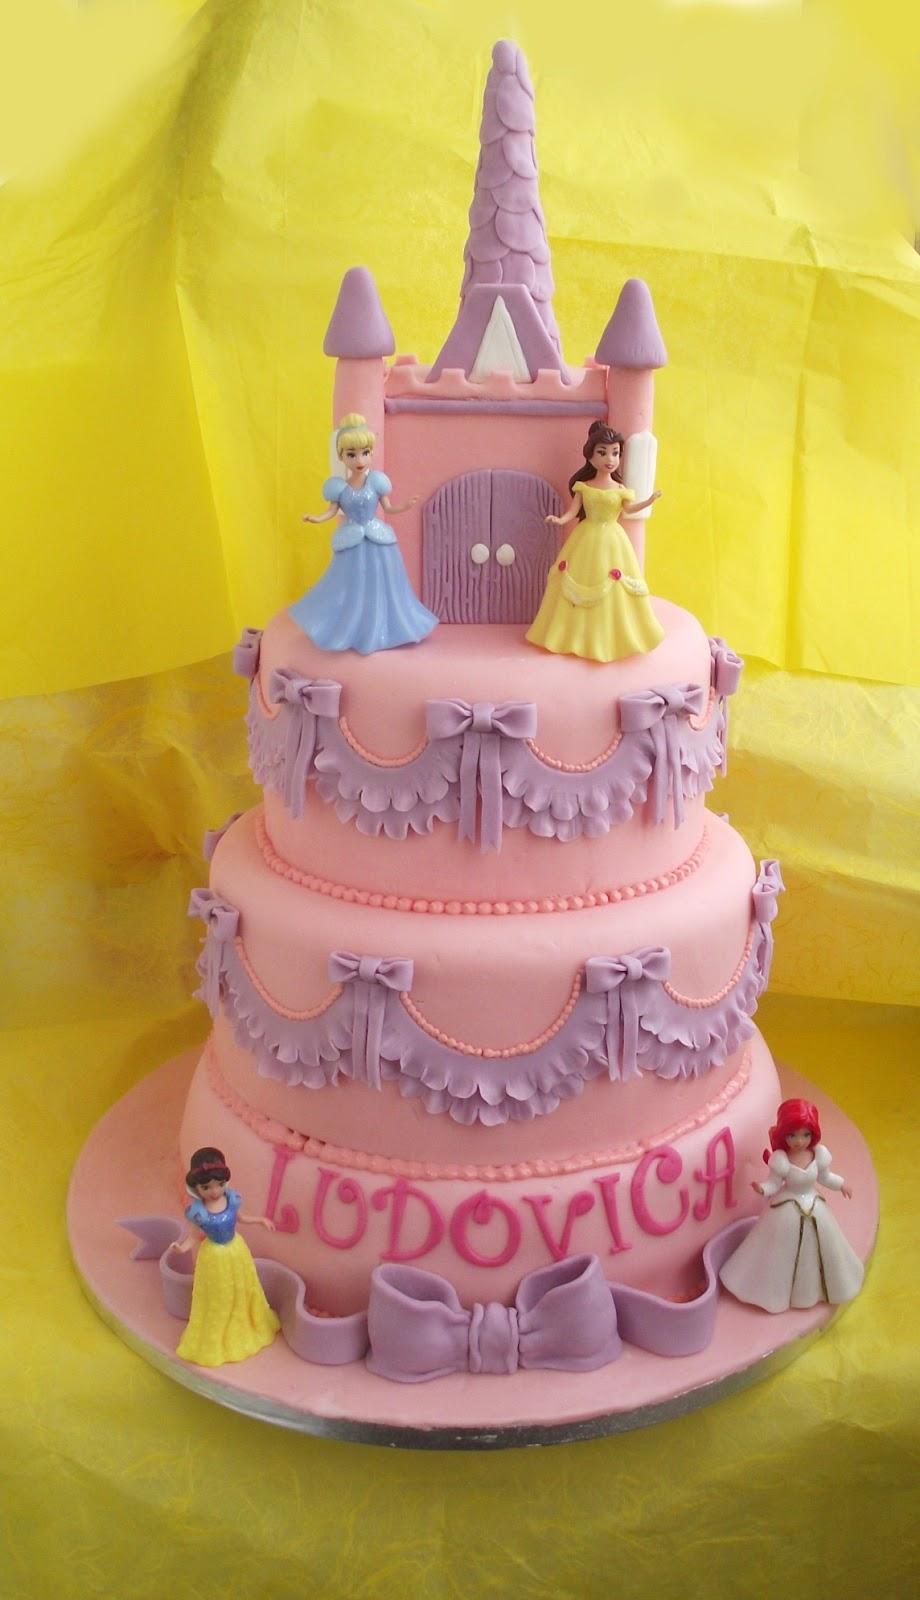 torte di principesse torta principesse : Lui e Lei in Cucina: Torta principesse Disney ... di Valeria